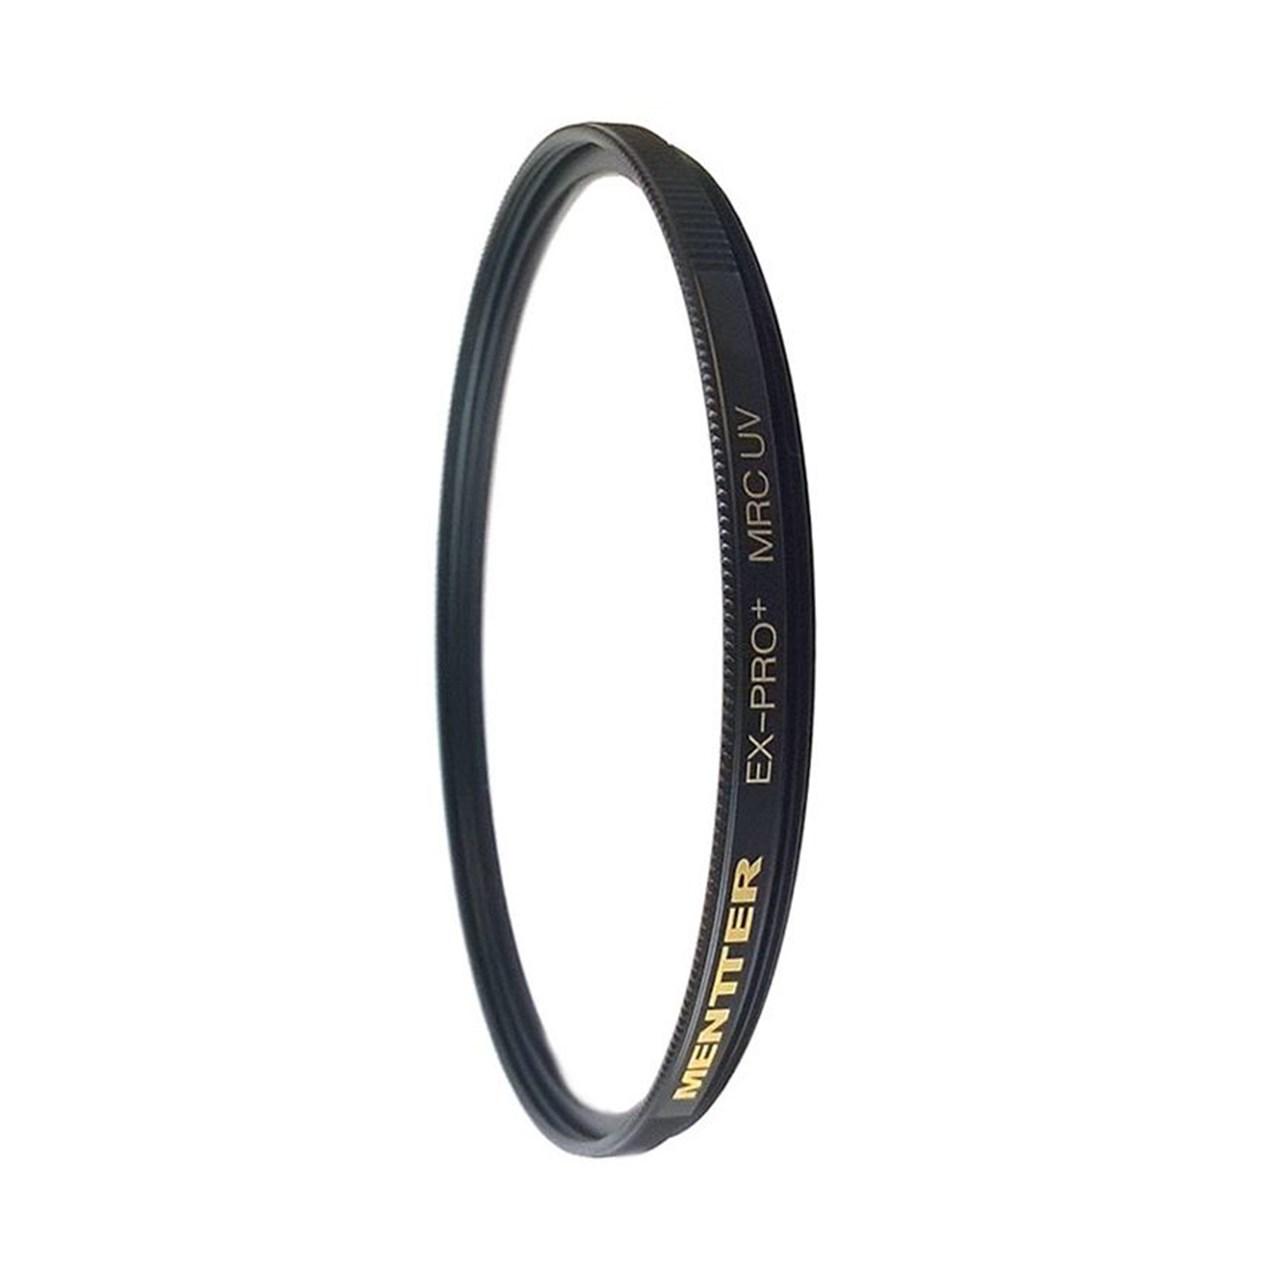 فیلتر لنز منتر مدل EX-PRO  MRC  UV 82 mm